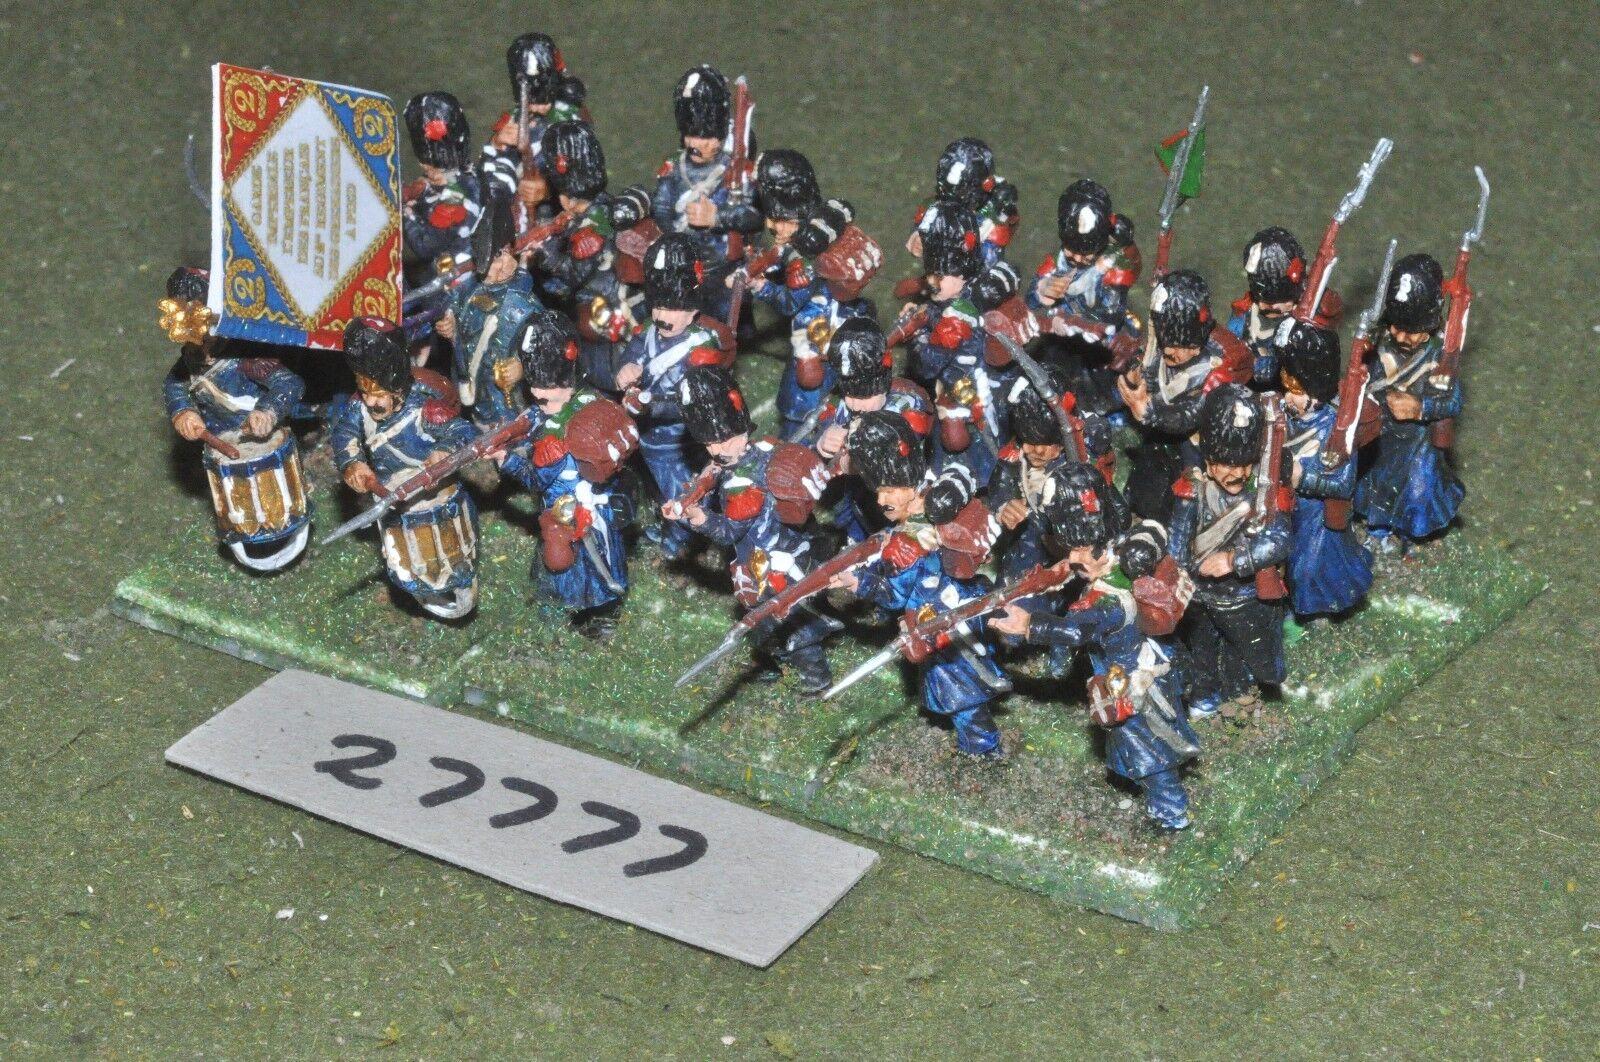 25mm napoleonischen   französisch - garde - regiment 24 zahlen (kunststoff) - inf (27777)